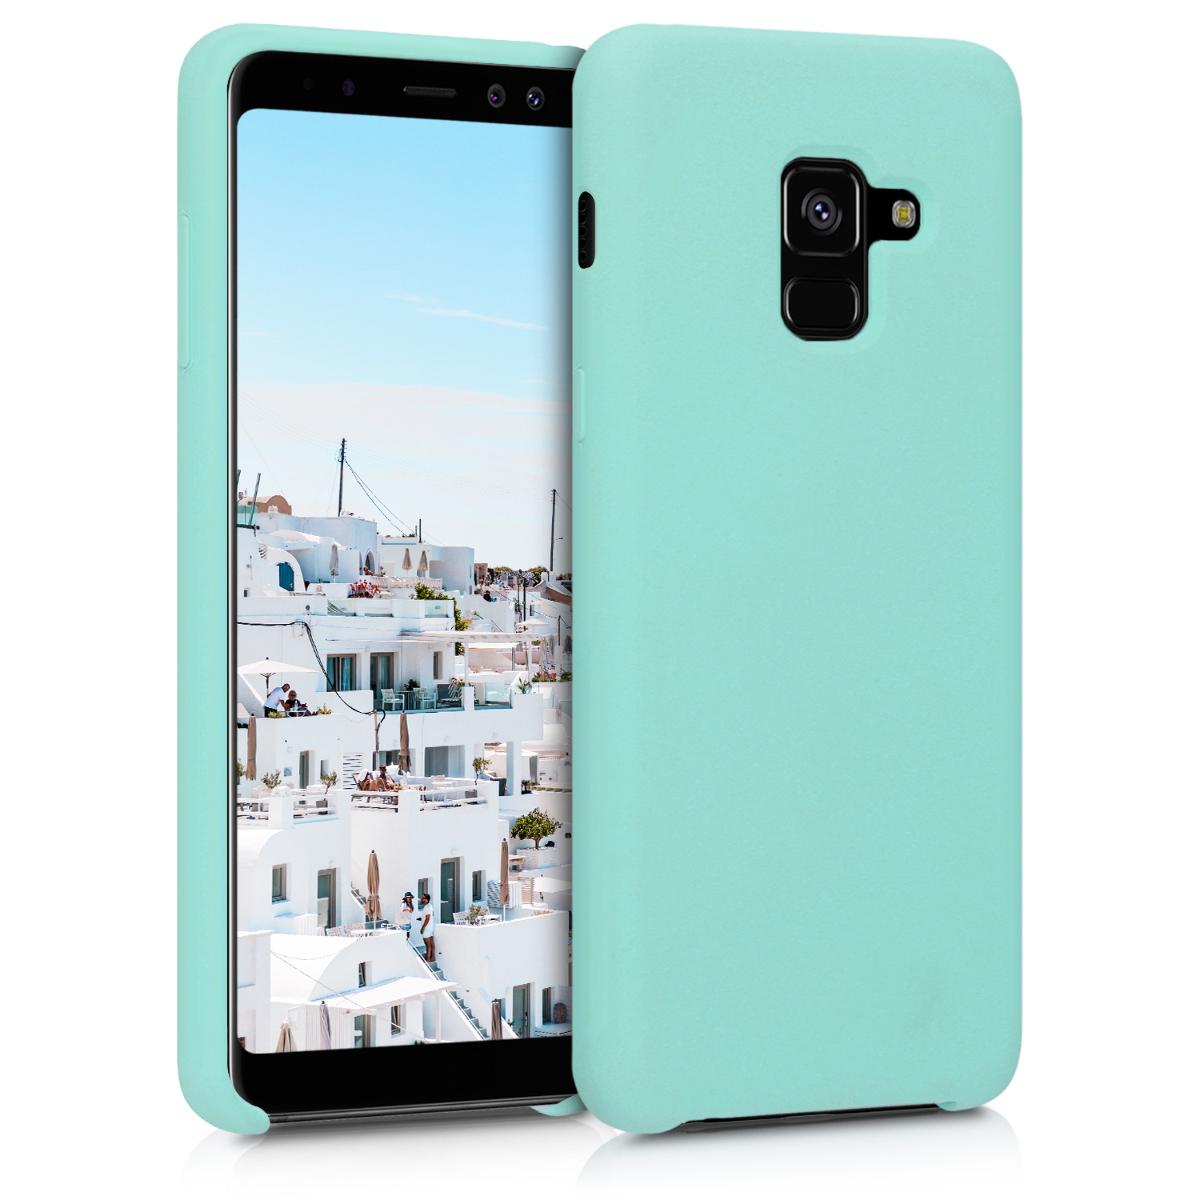 Kvalitní silikonové TPU pouzdro pro Samsung A8 (2018) - mint zelené matné